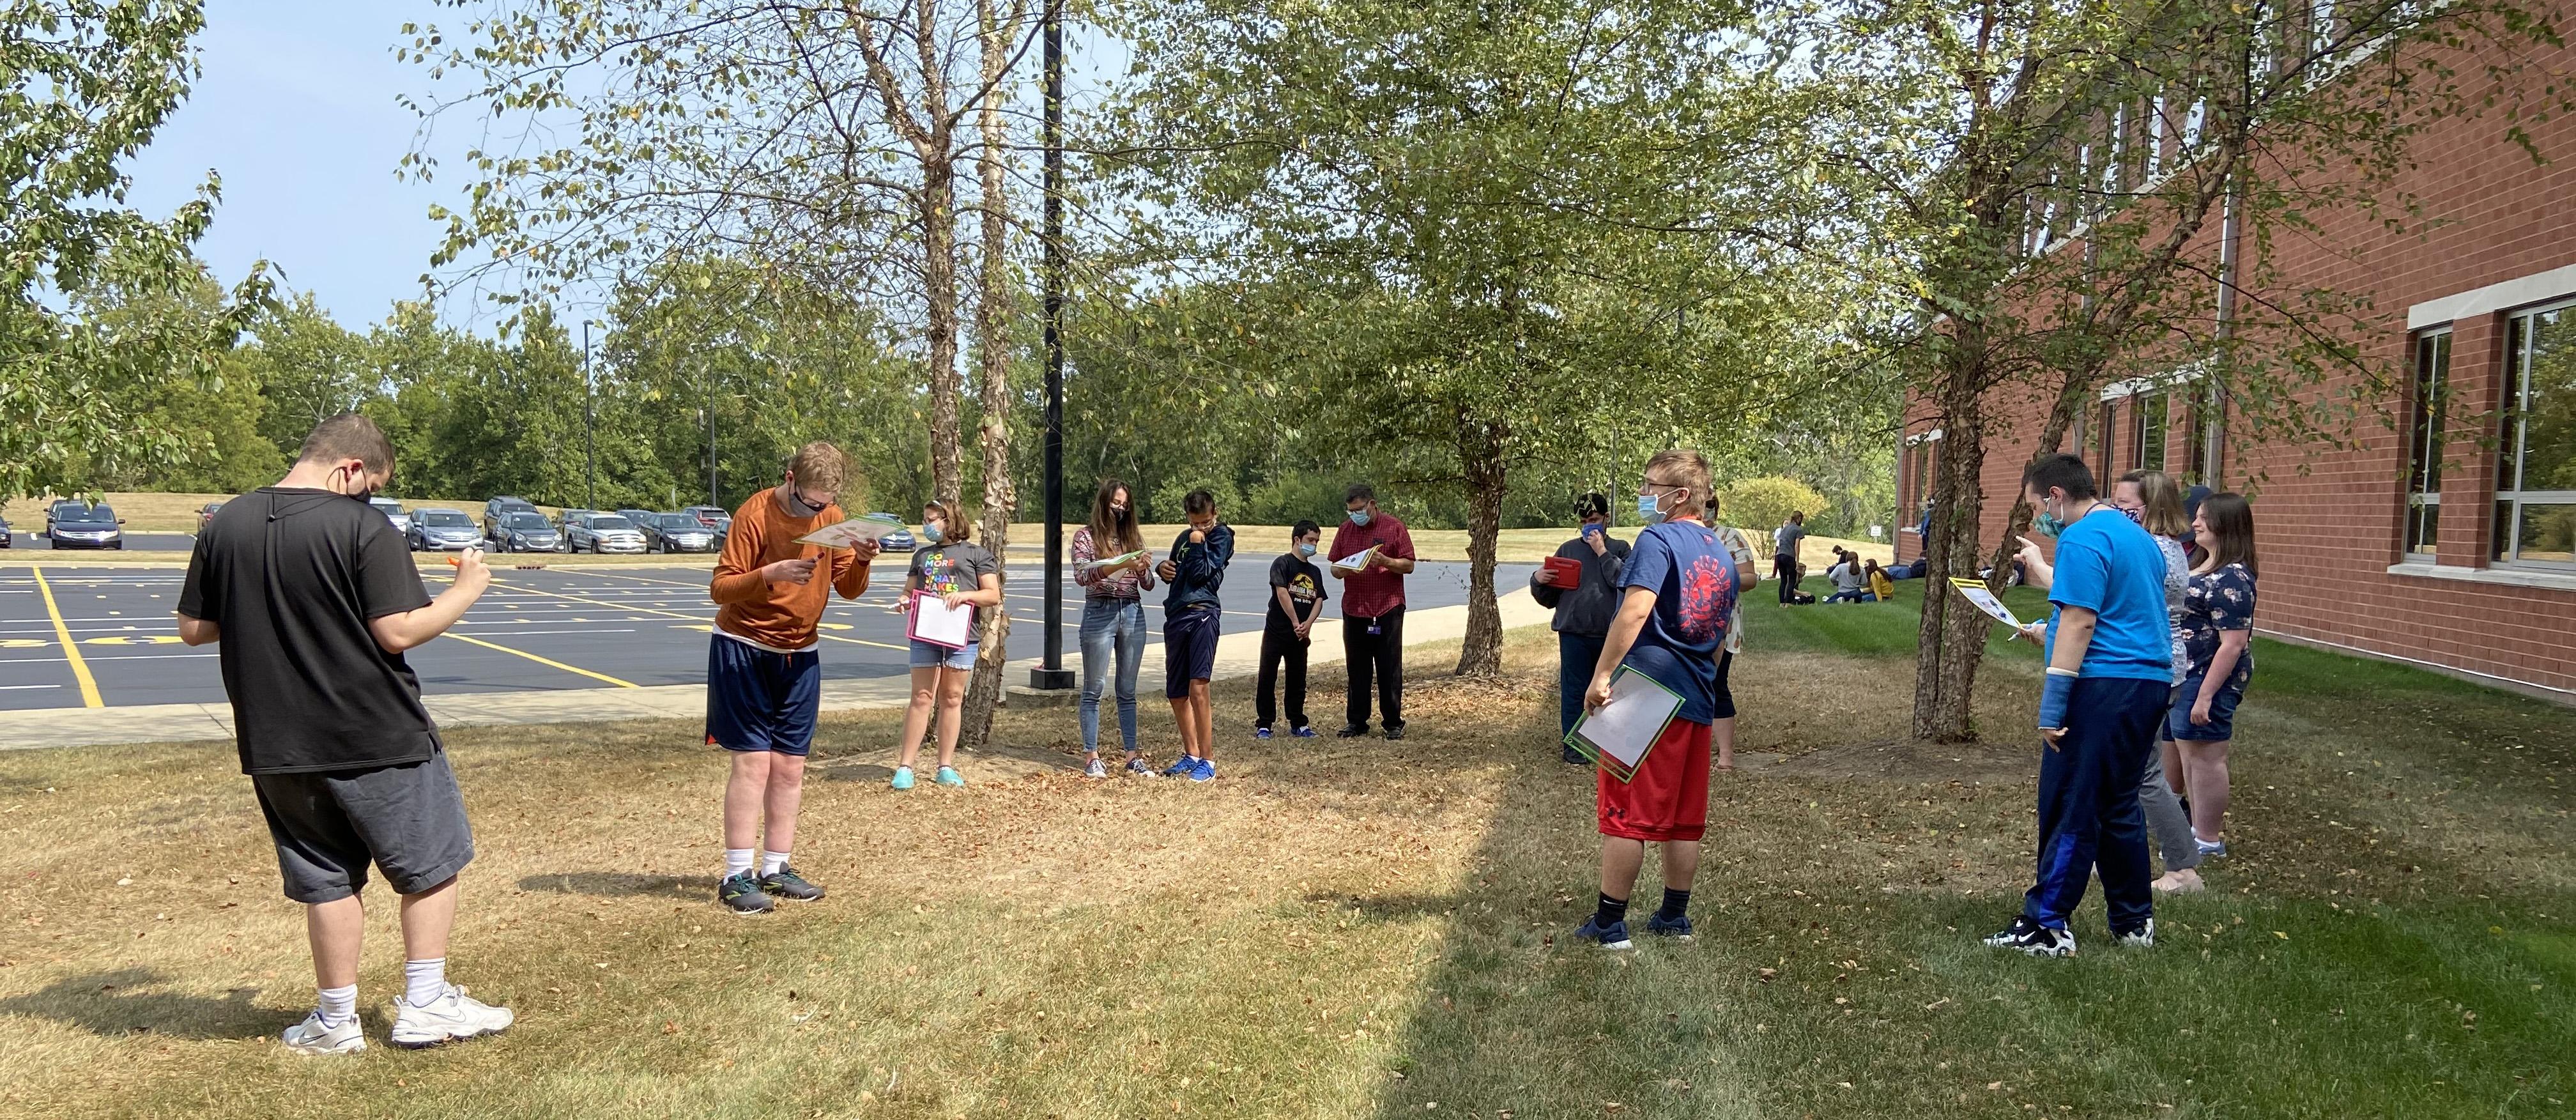 Miss B's class doing an outdoor scavenger hunt